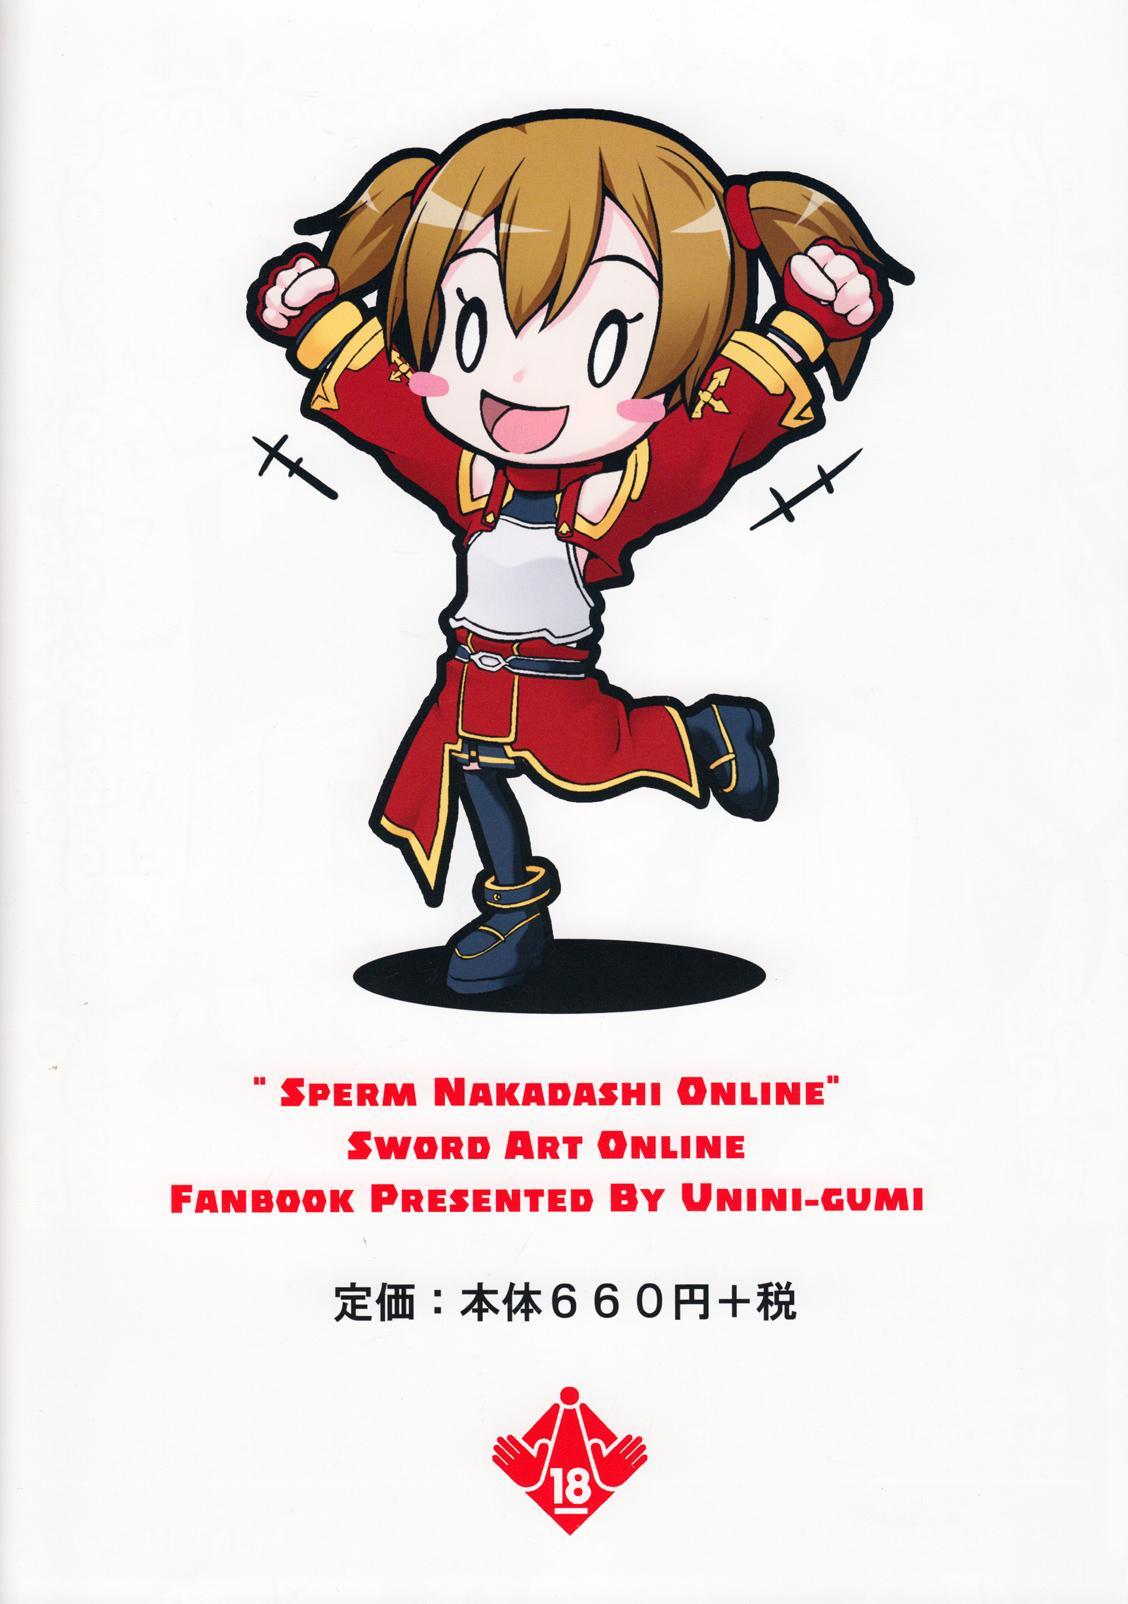 Sperm Nakadashi Online 15